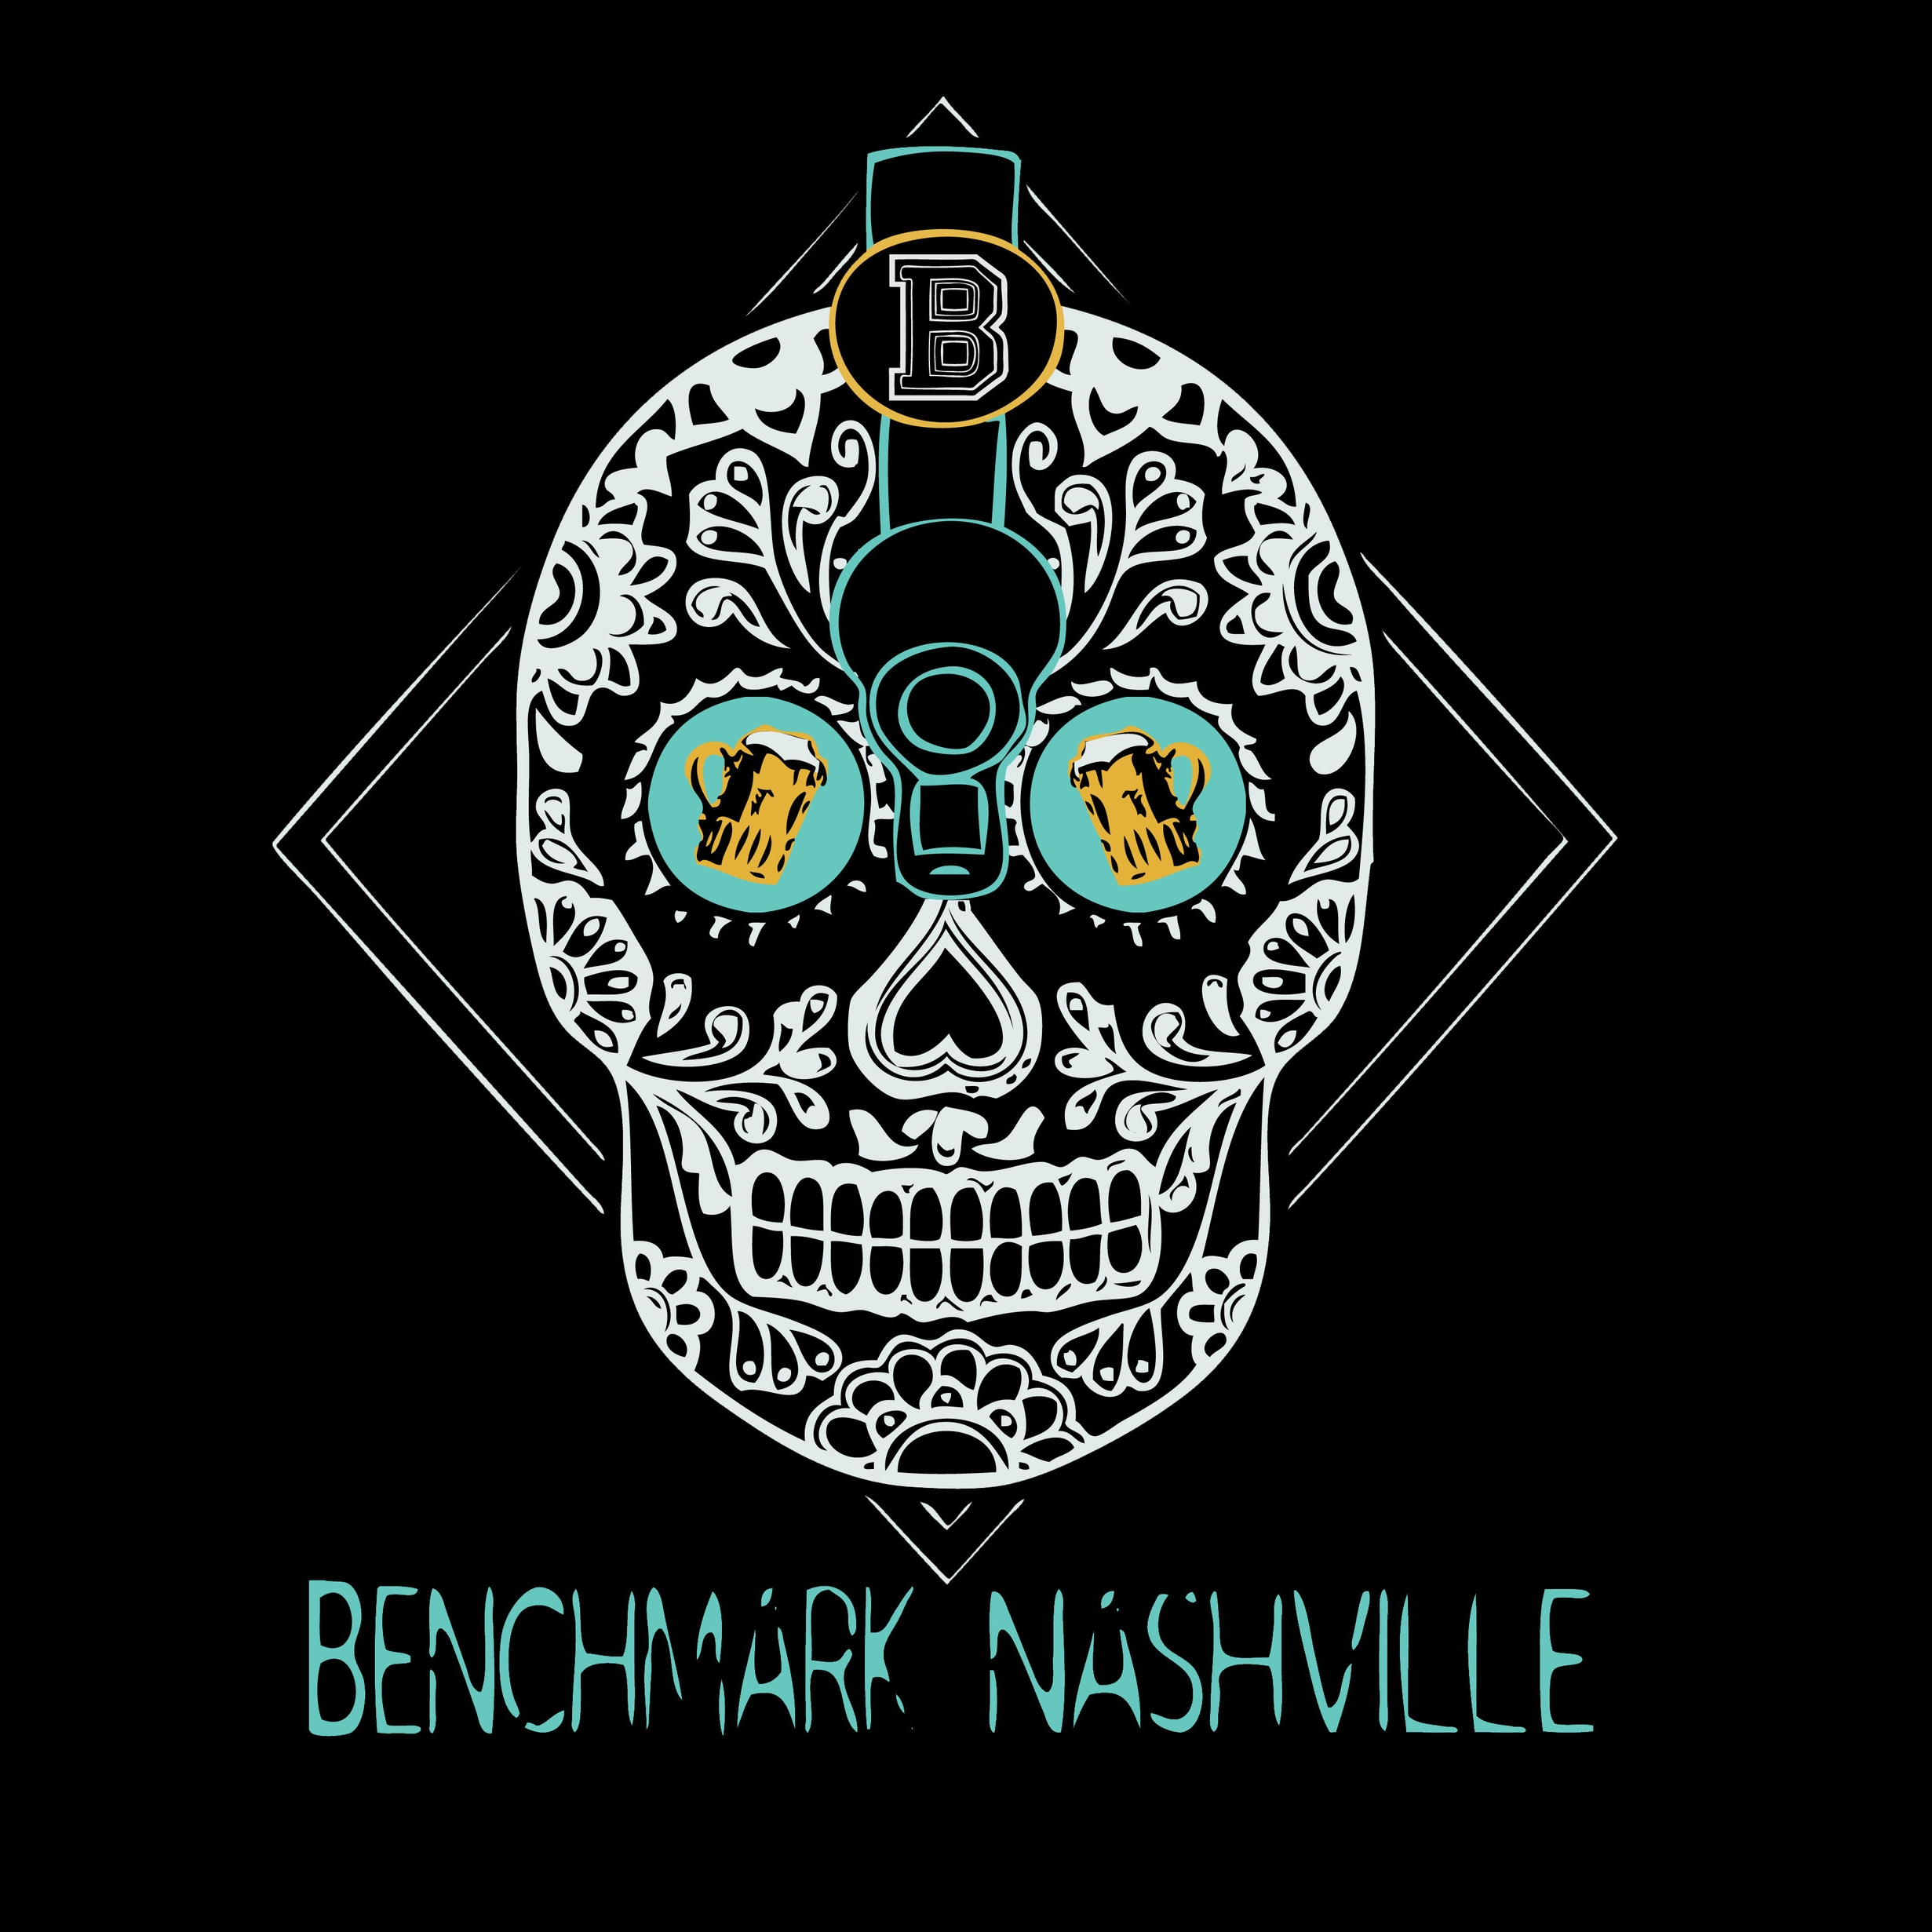 BENCHMARK.logo (1).jpg